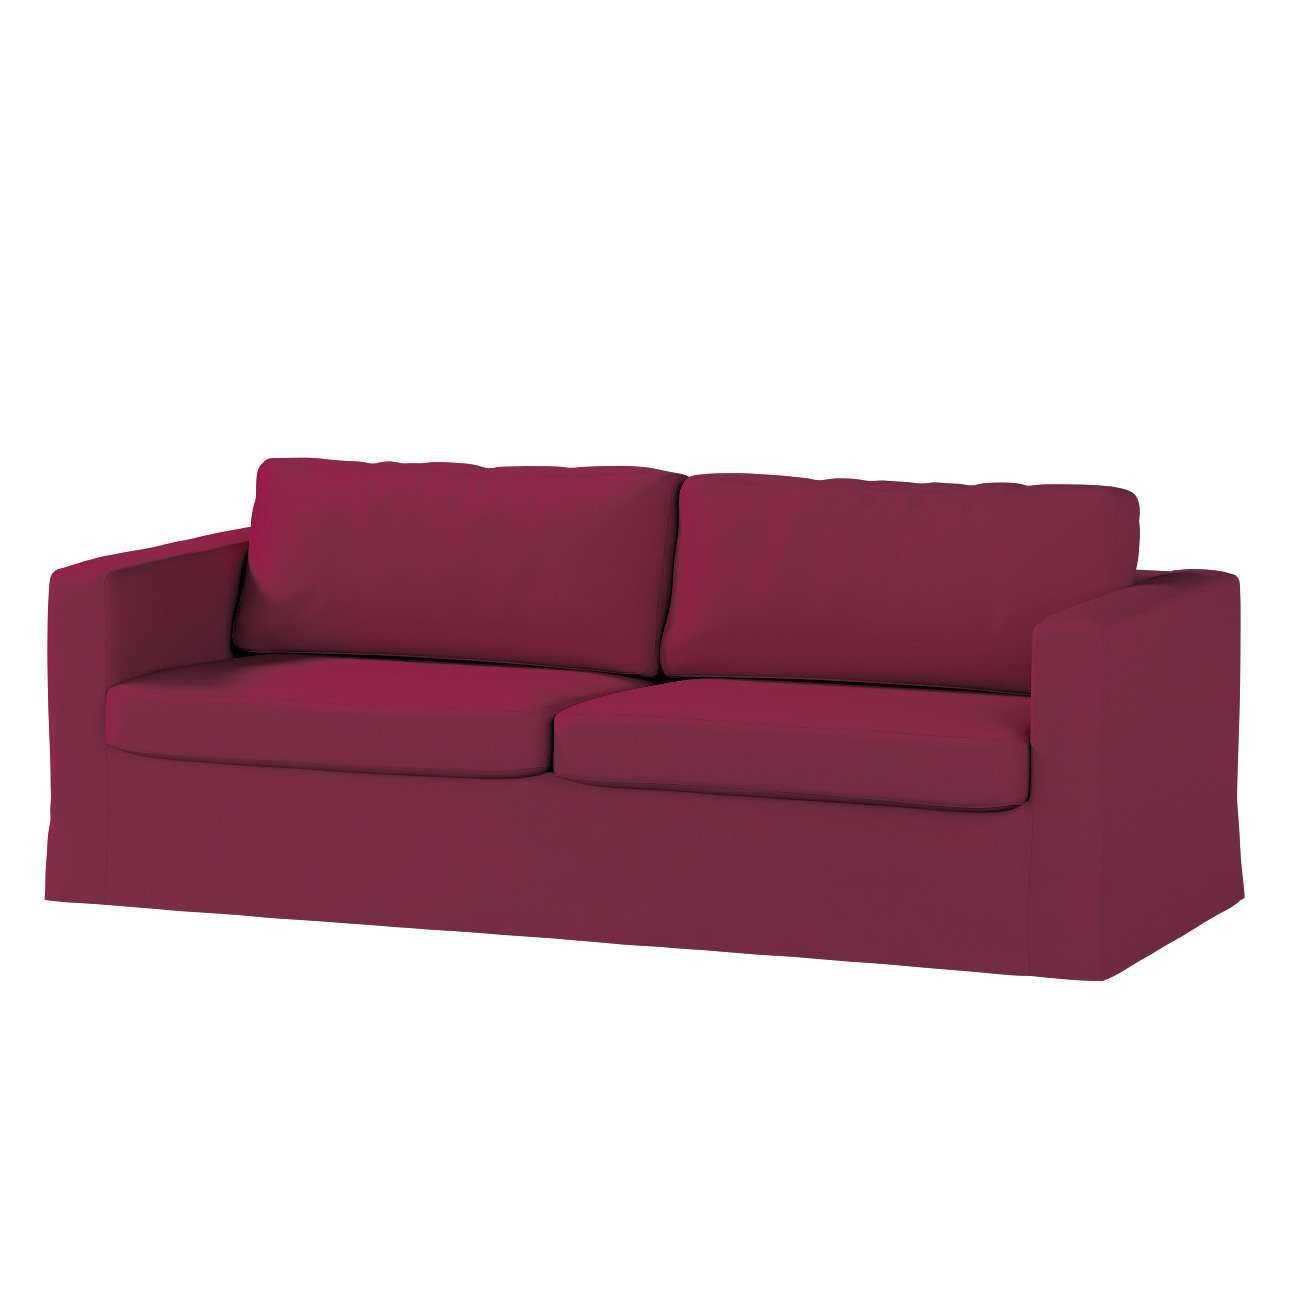 Poťah na sedačku Karlstad (nerozkladá sa, pre 3 osoby, dlhá) Poťah na sedačku Karlstad - pre 3 osoby, nerozkladá sa, dlhá V kolekcii Cotton Panama, tkanina: 702-32